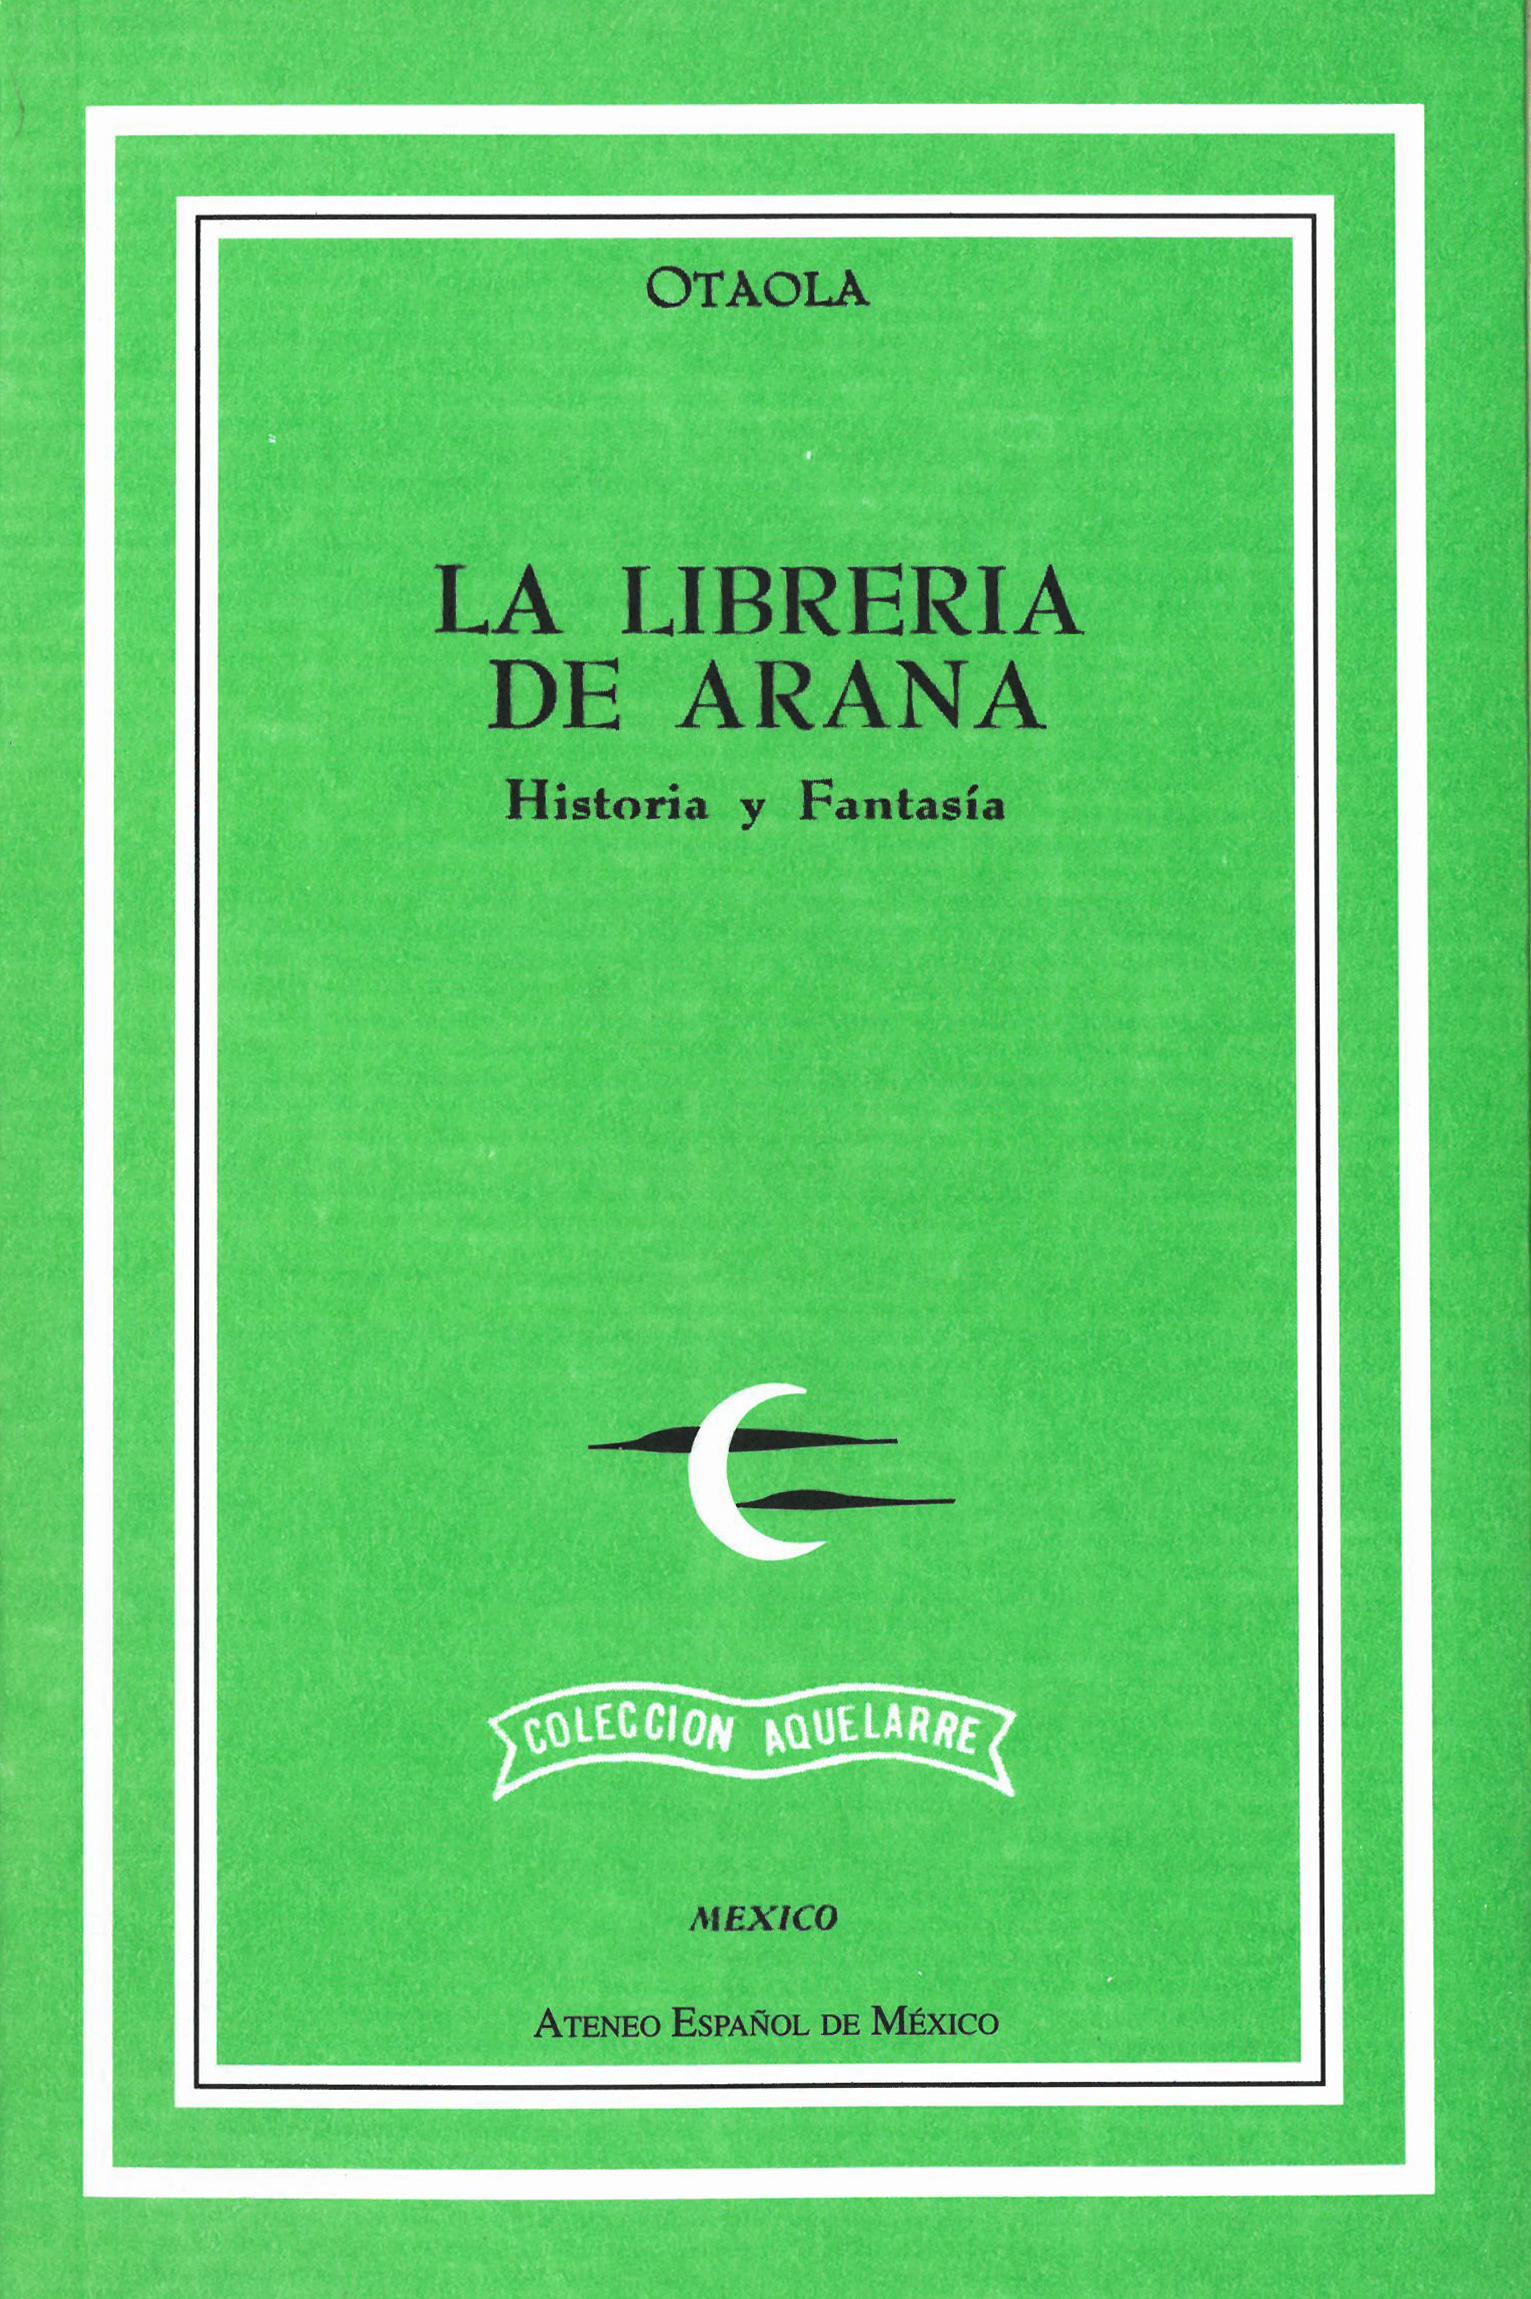 La librería de Arana. Historia y Fantasía Image